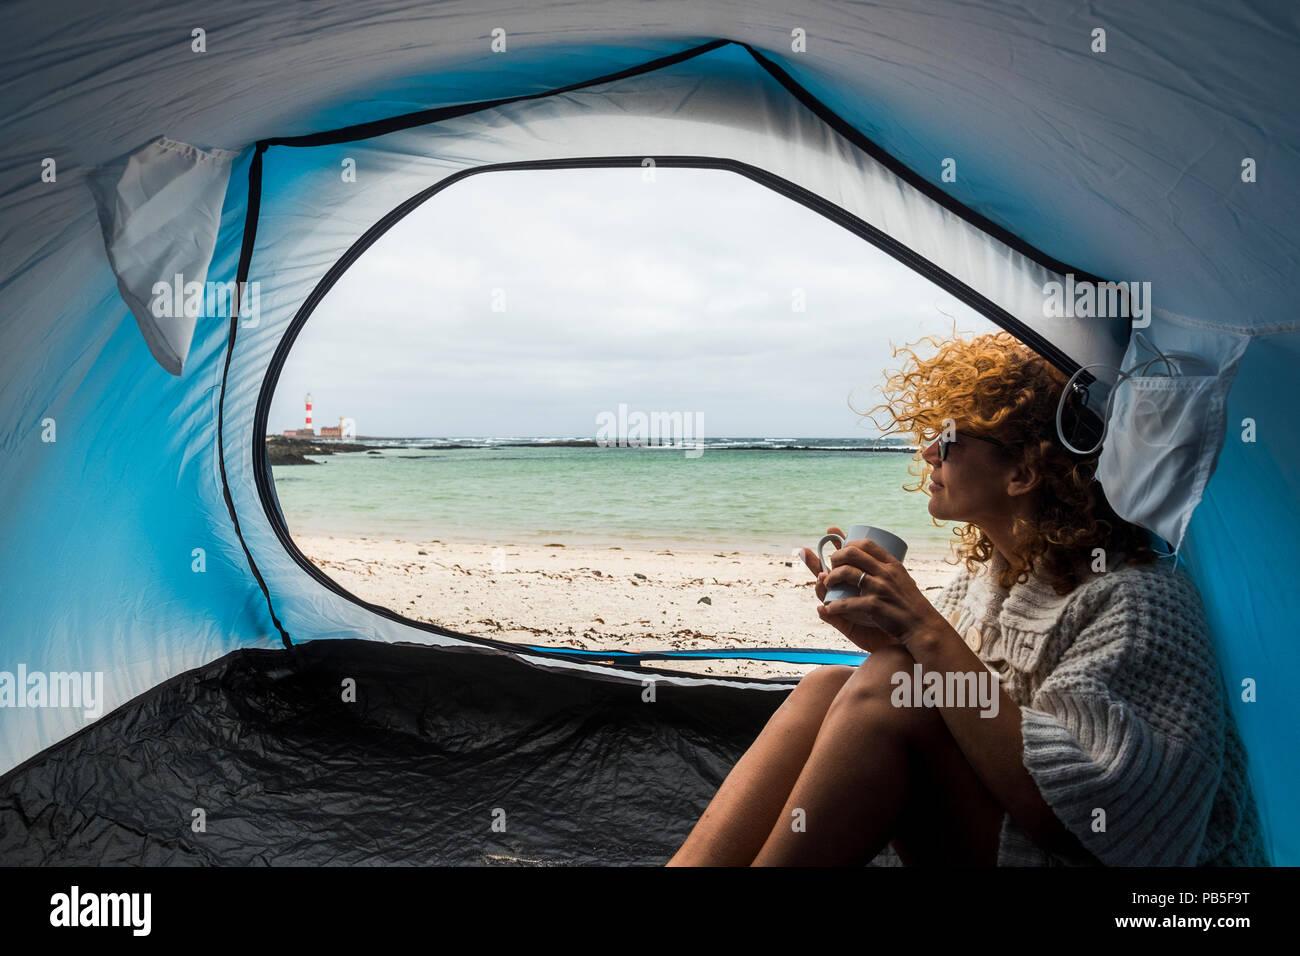 Einsame schöne Frau sitzt auf der Hütte suchen außerhalb. Wind im Haar und Camping am Strand in der Nähe der Farben von Wasser und Land. Freiheit und Stockbild